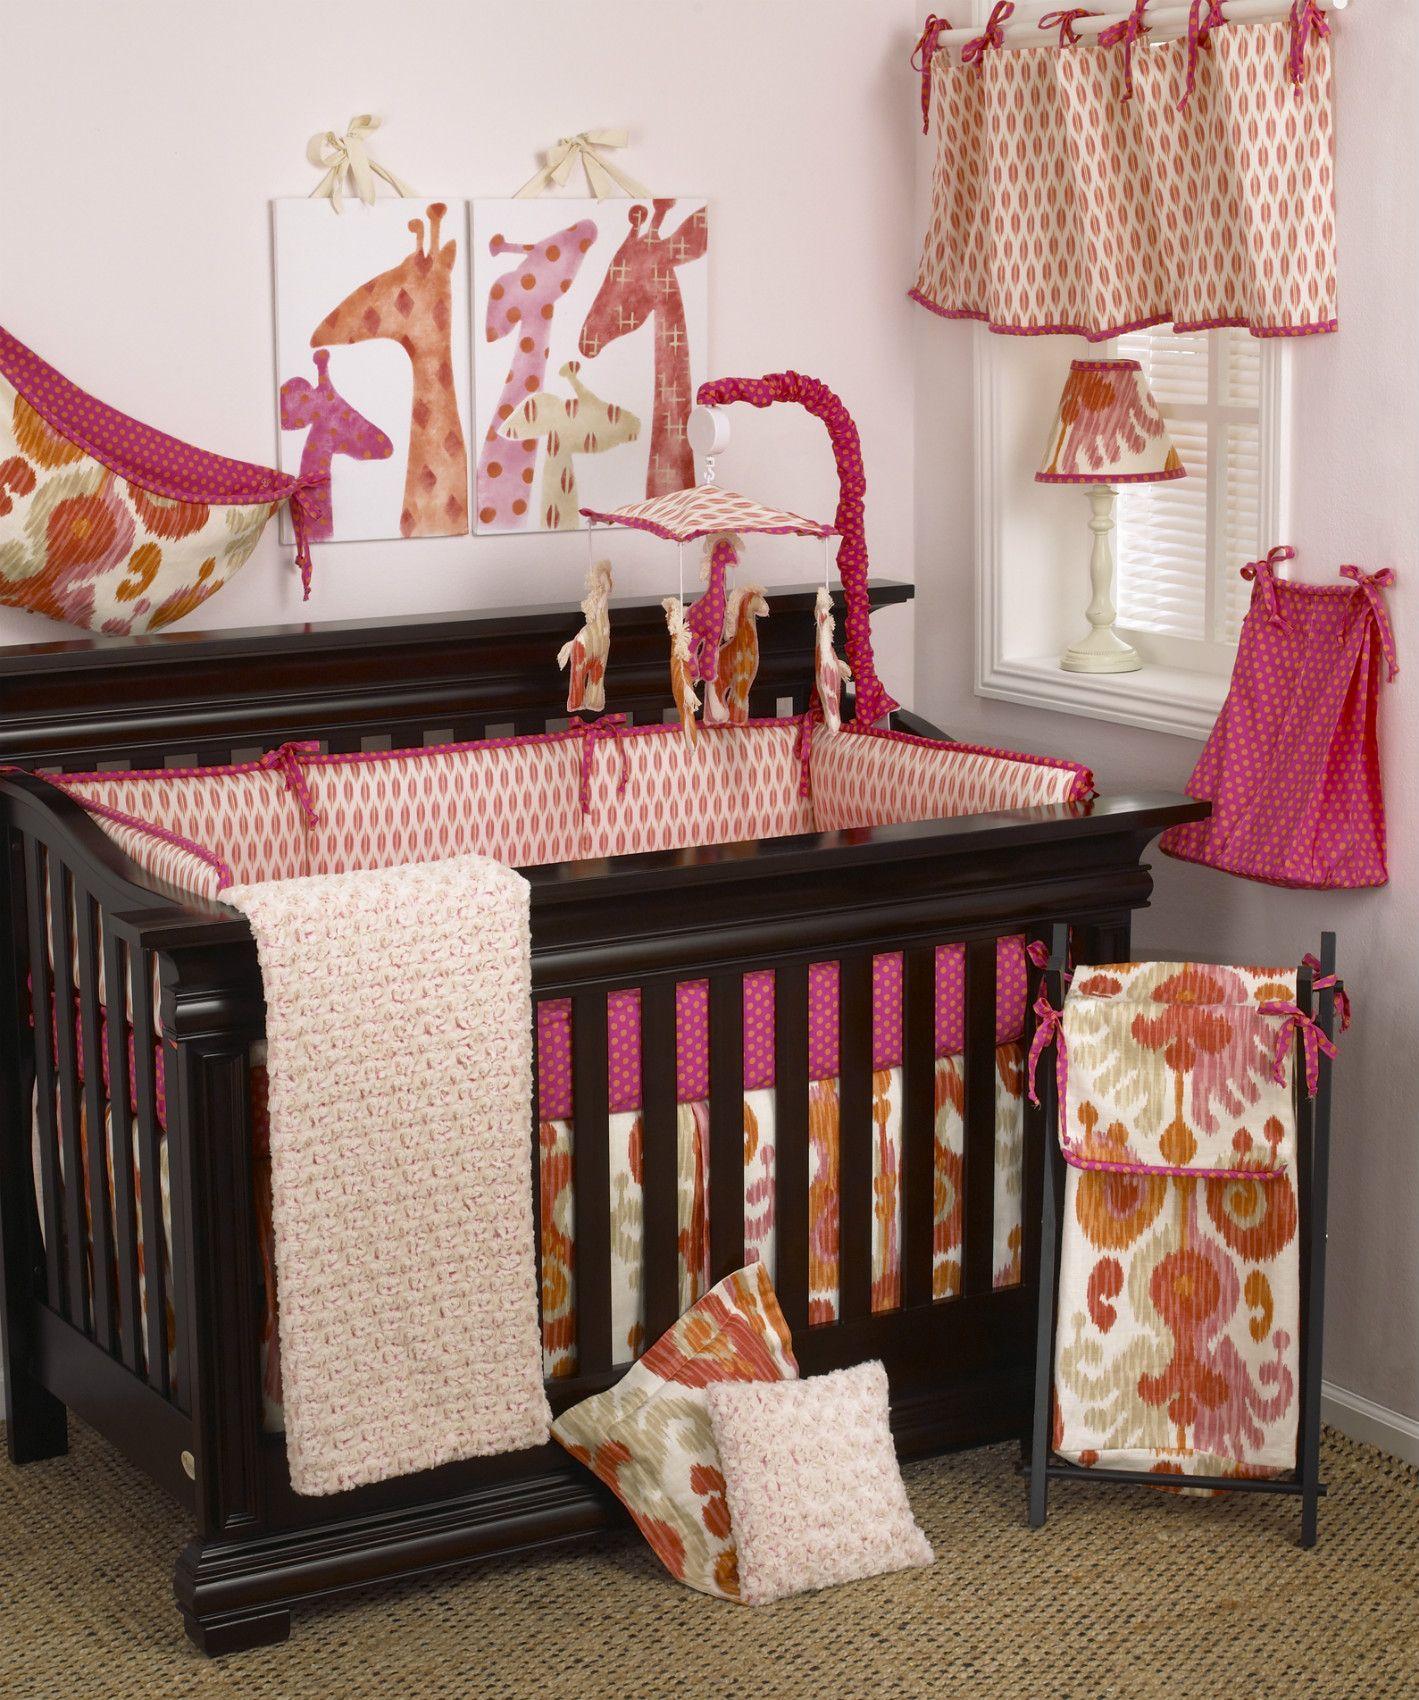 Billig Baby Krippe Bettwäsche Sets Kinderzimmer Bettwäsche